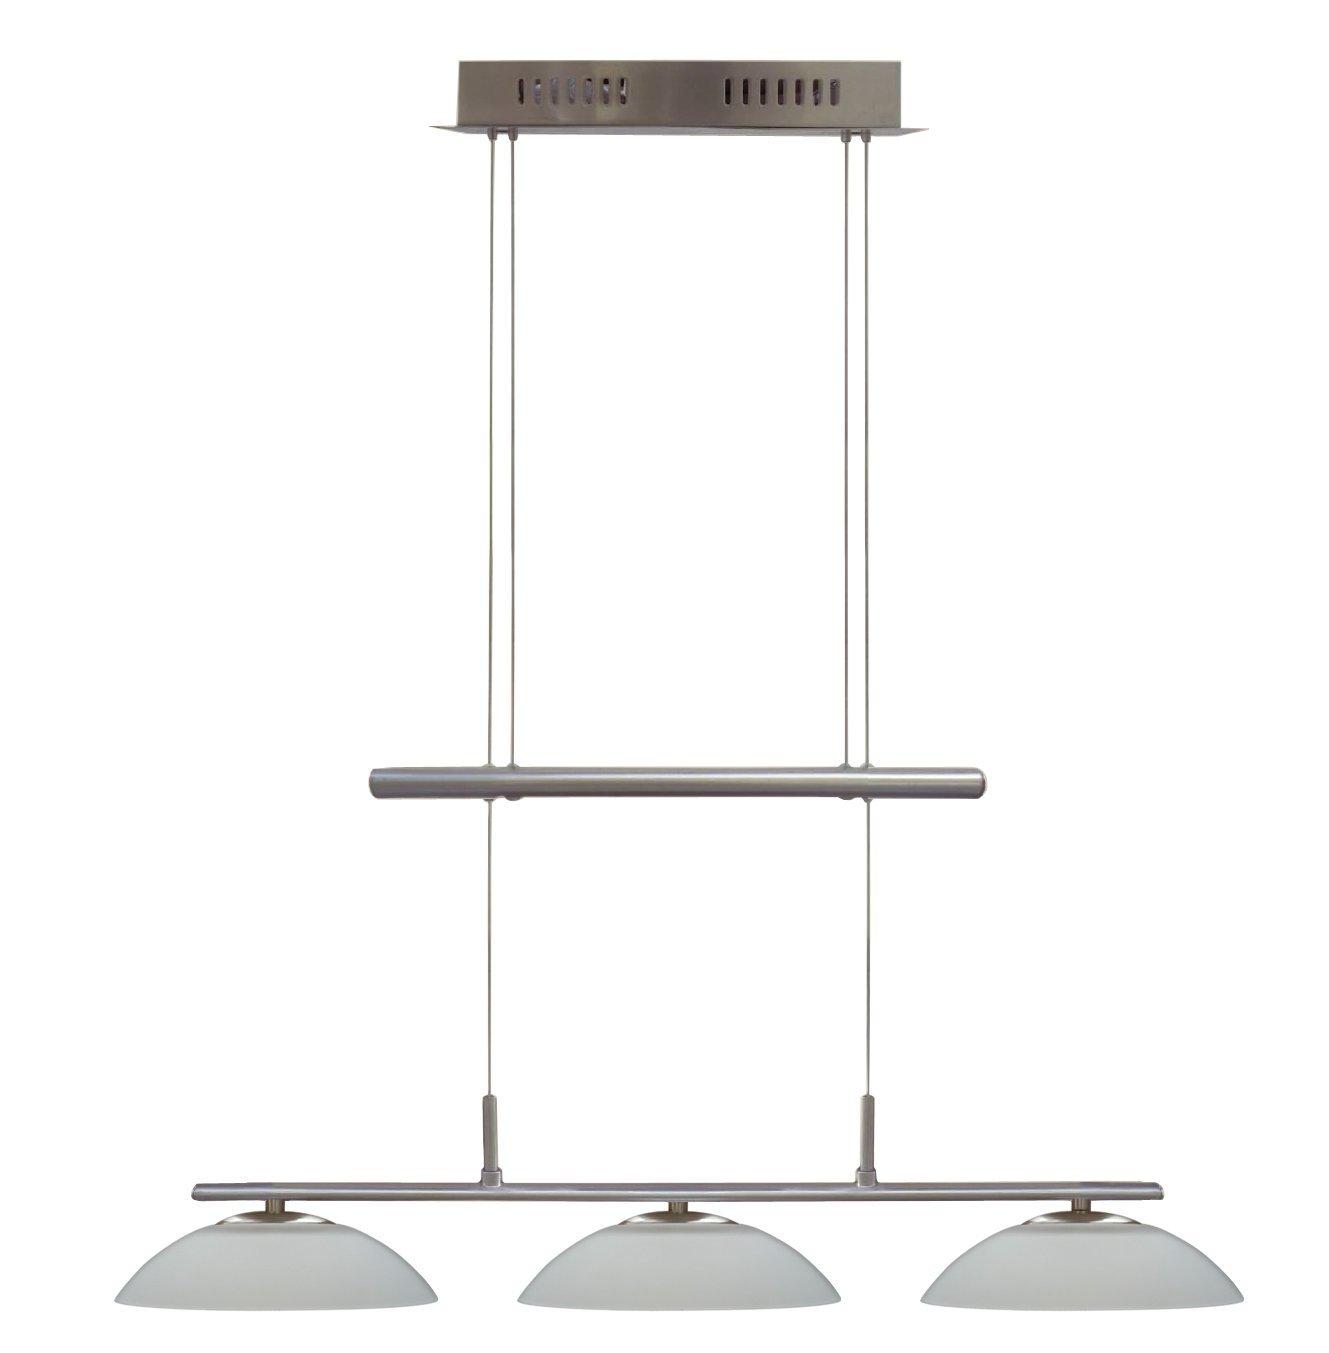 WOFI Rhone Pendant Lamp with 3 Lamps       Customer reviews